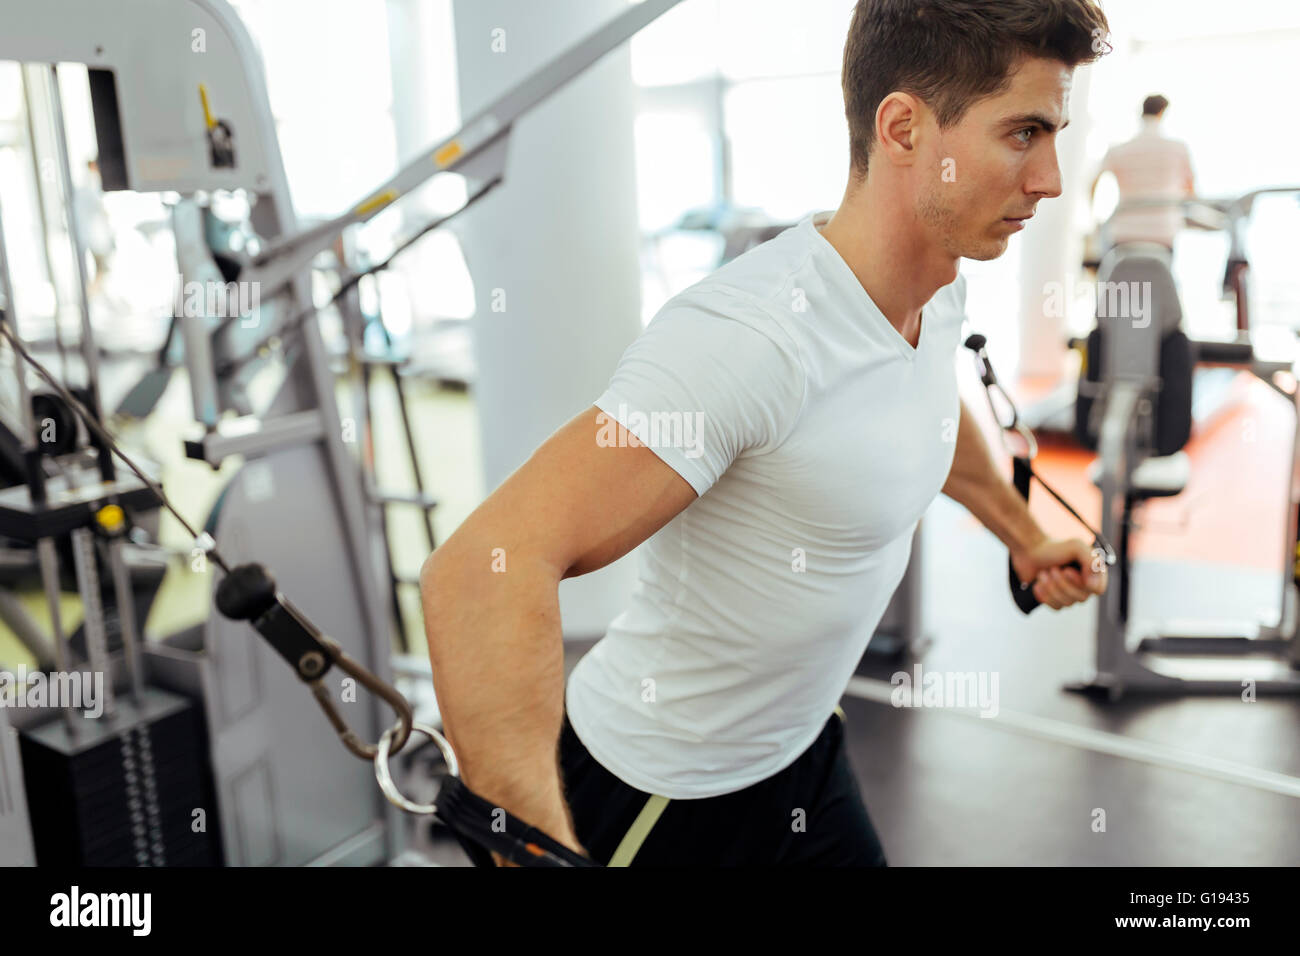 Guapo entrenamiento en el gimnasio moderno y limpio en las diferentes máquinas Imagen De Stock